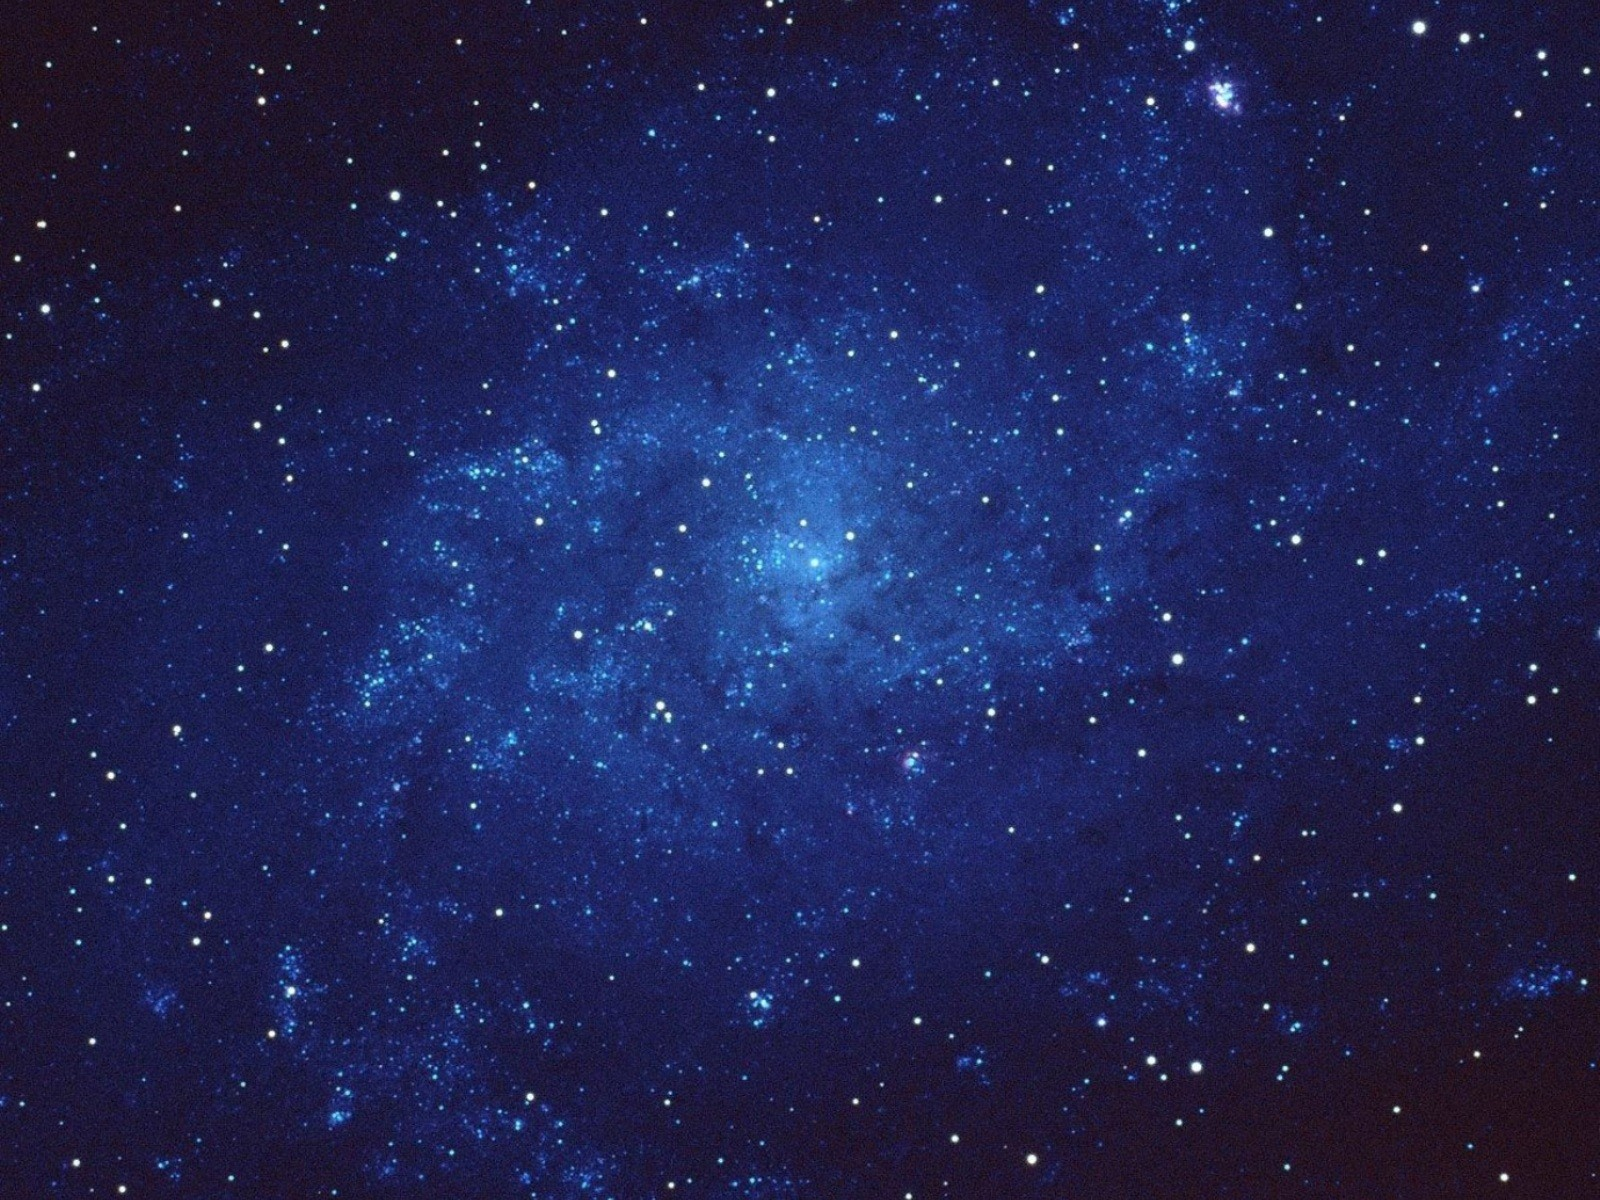 Stars   Wallpaper 38301 1600x1200